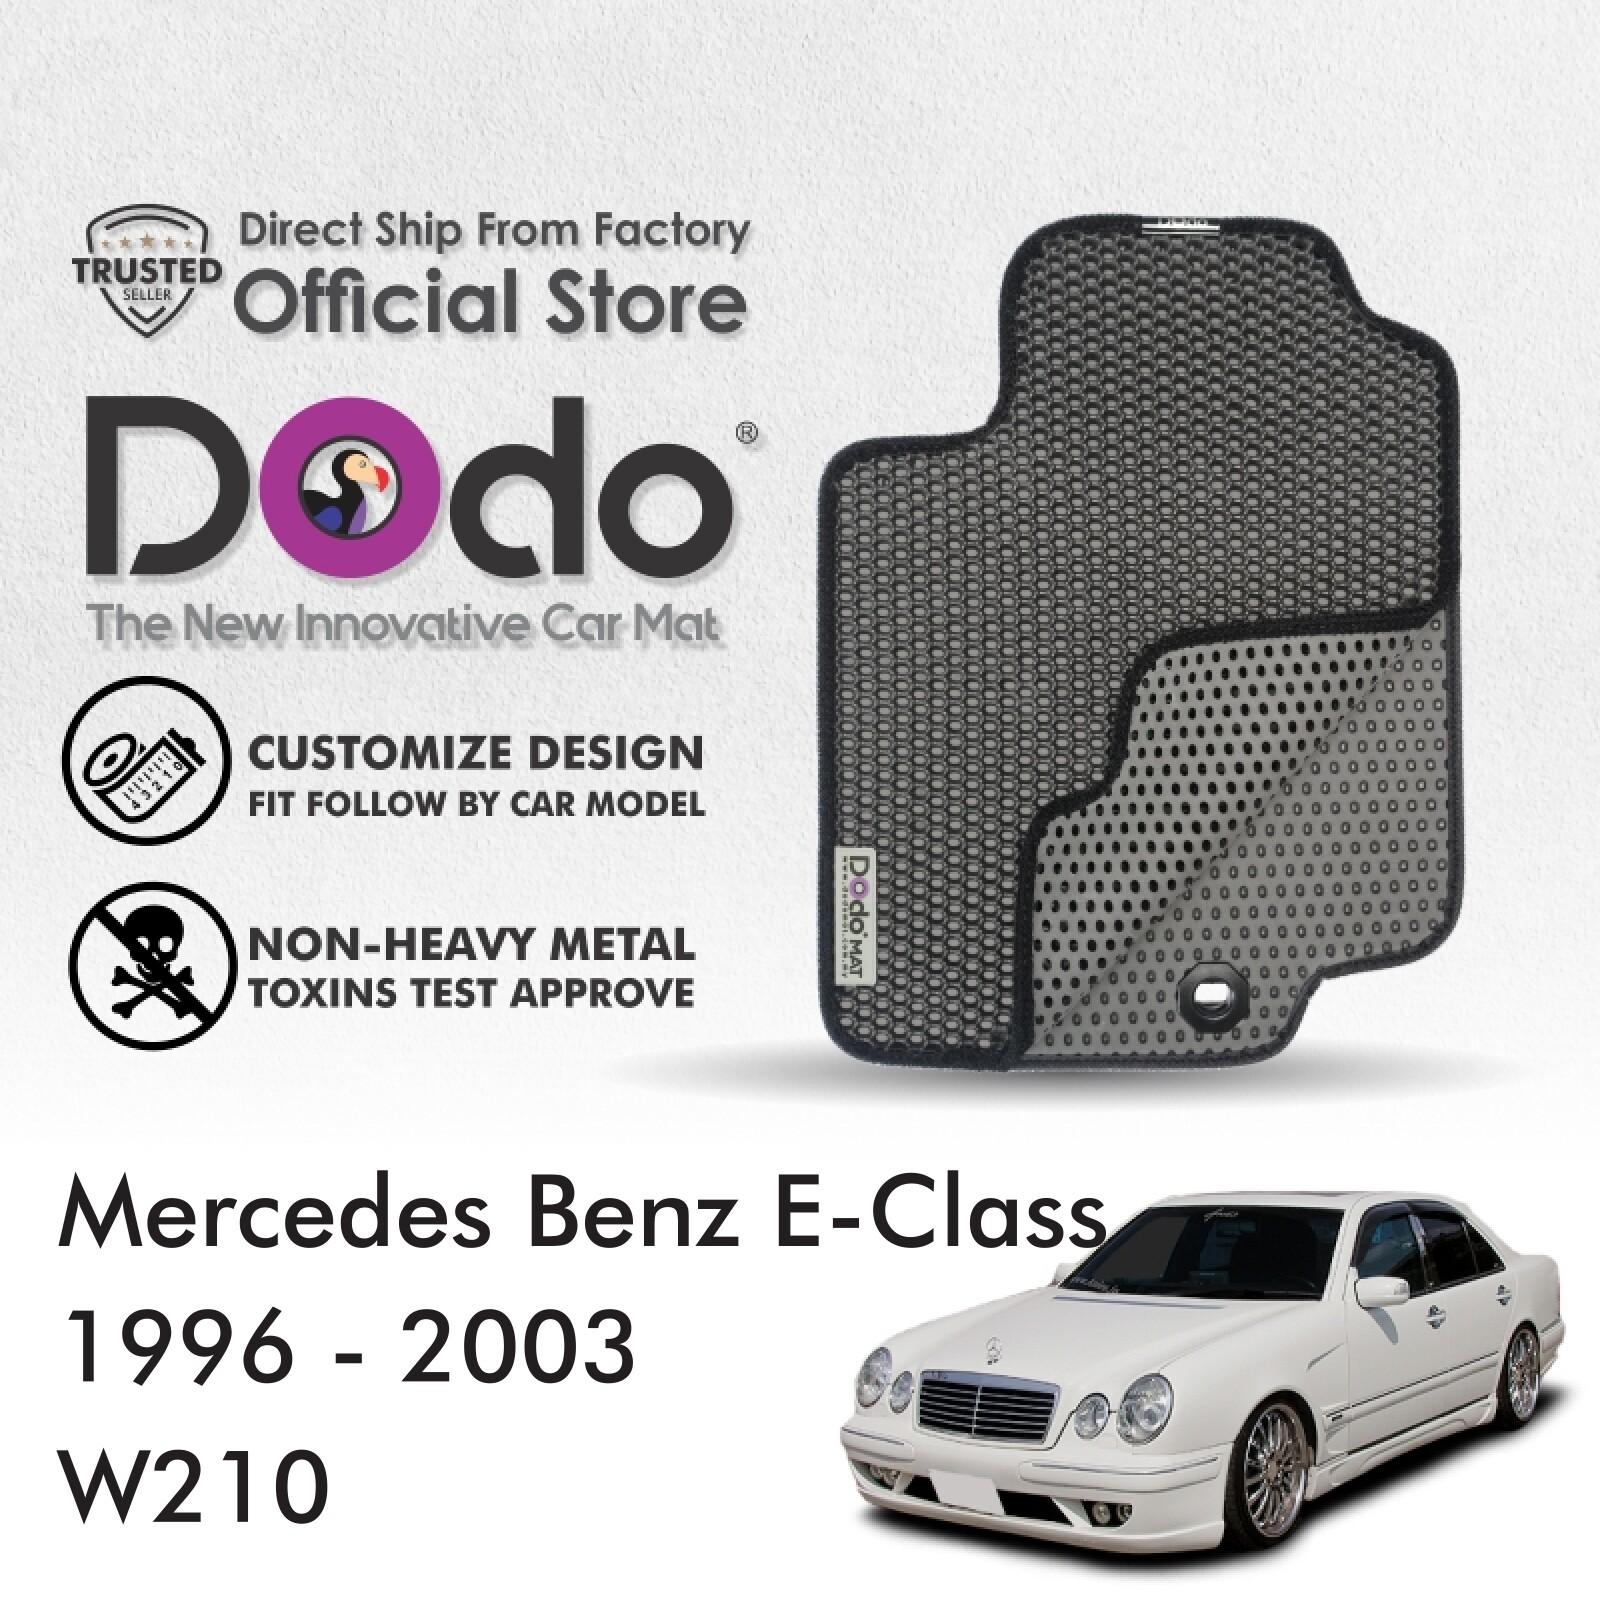 Dodo® Car Mat / Mercedes Benz E-Class / 1996 - 2003 / W210